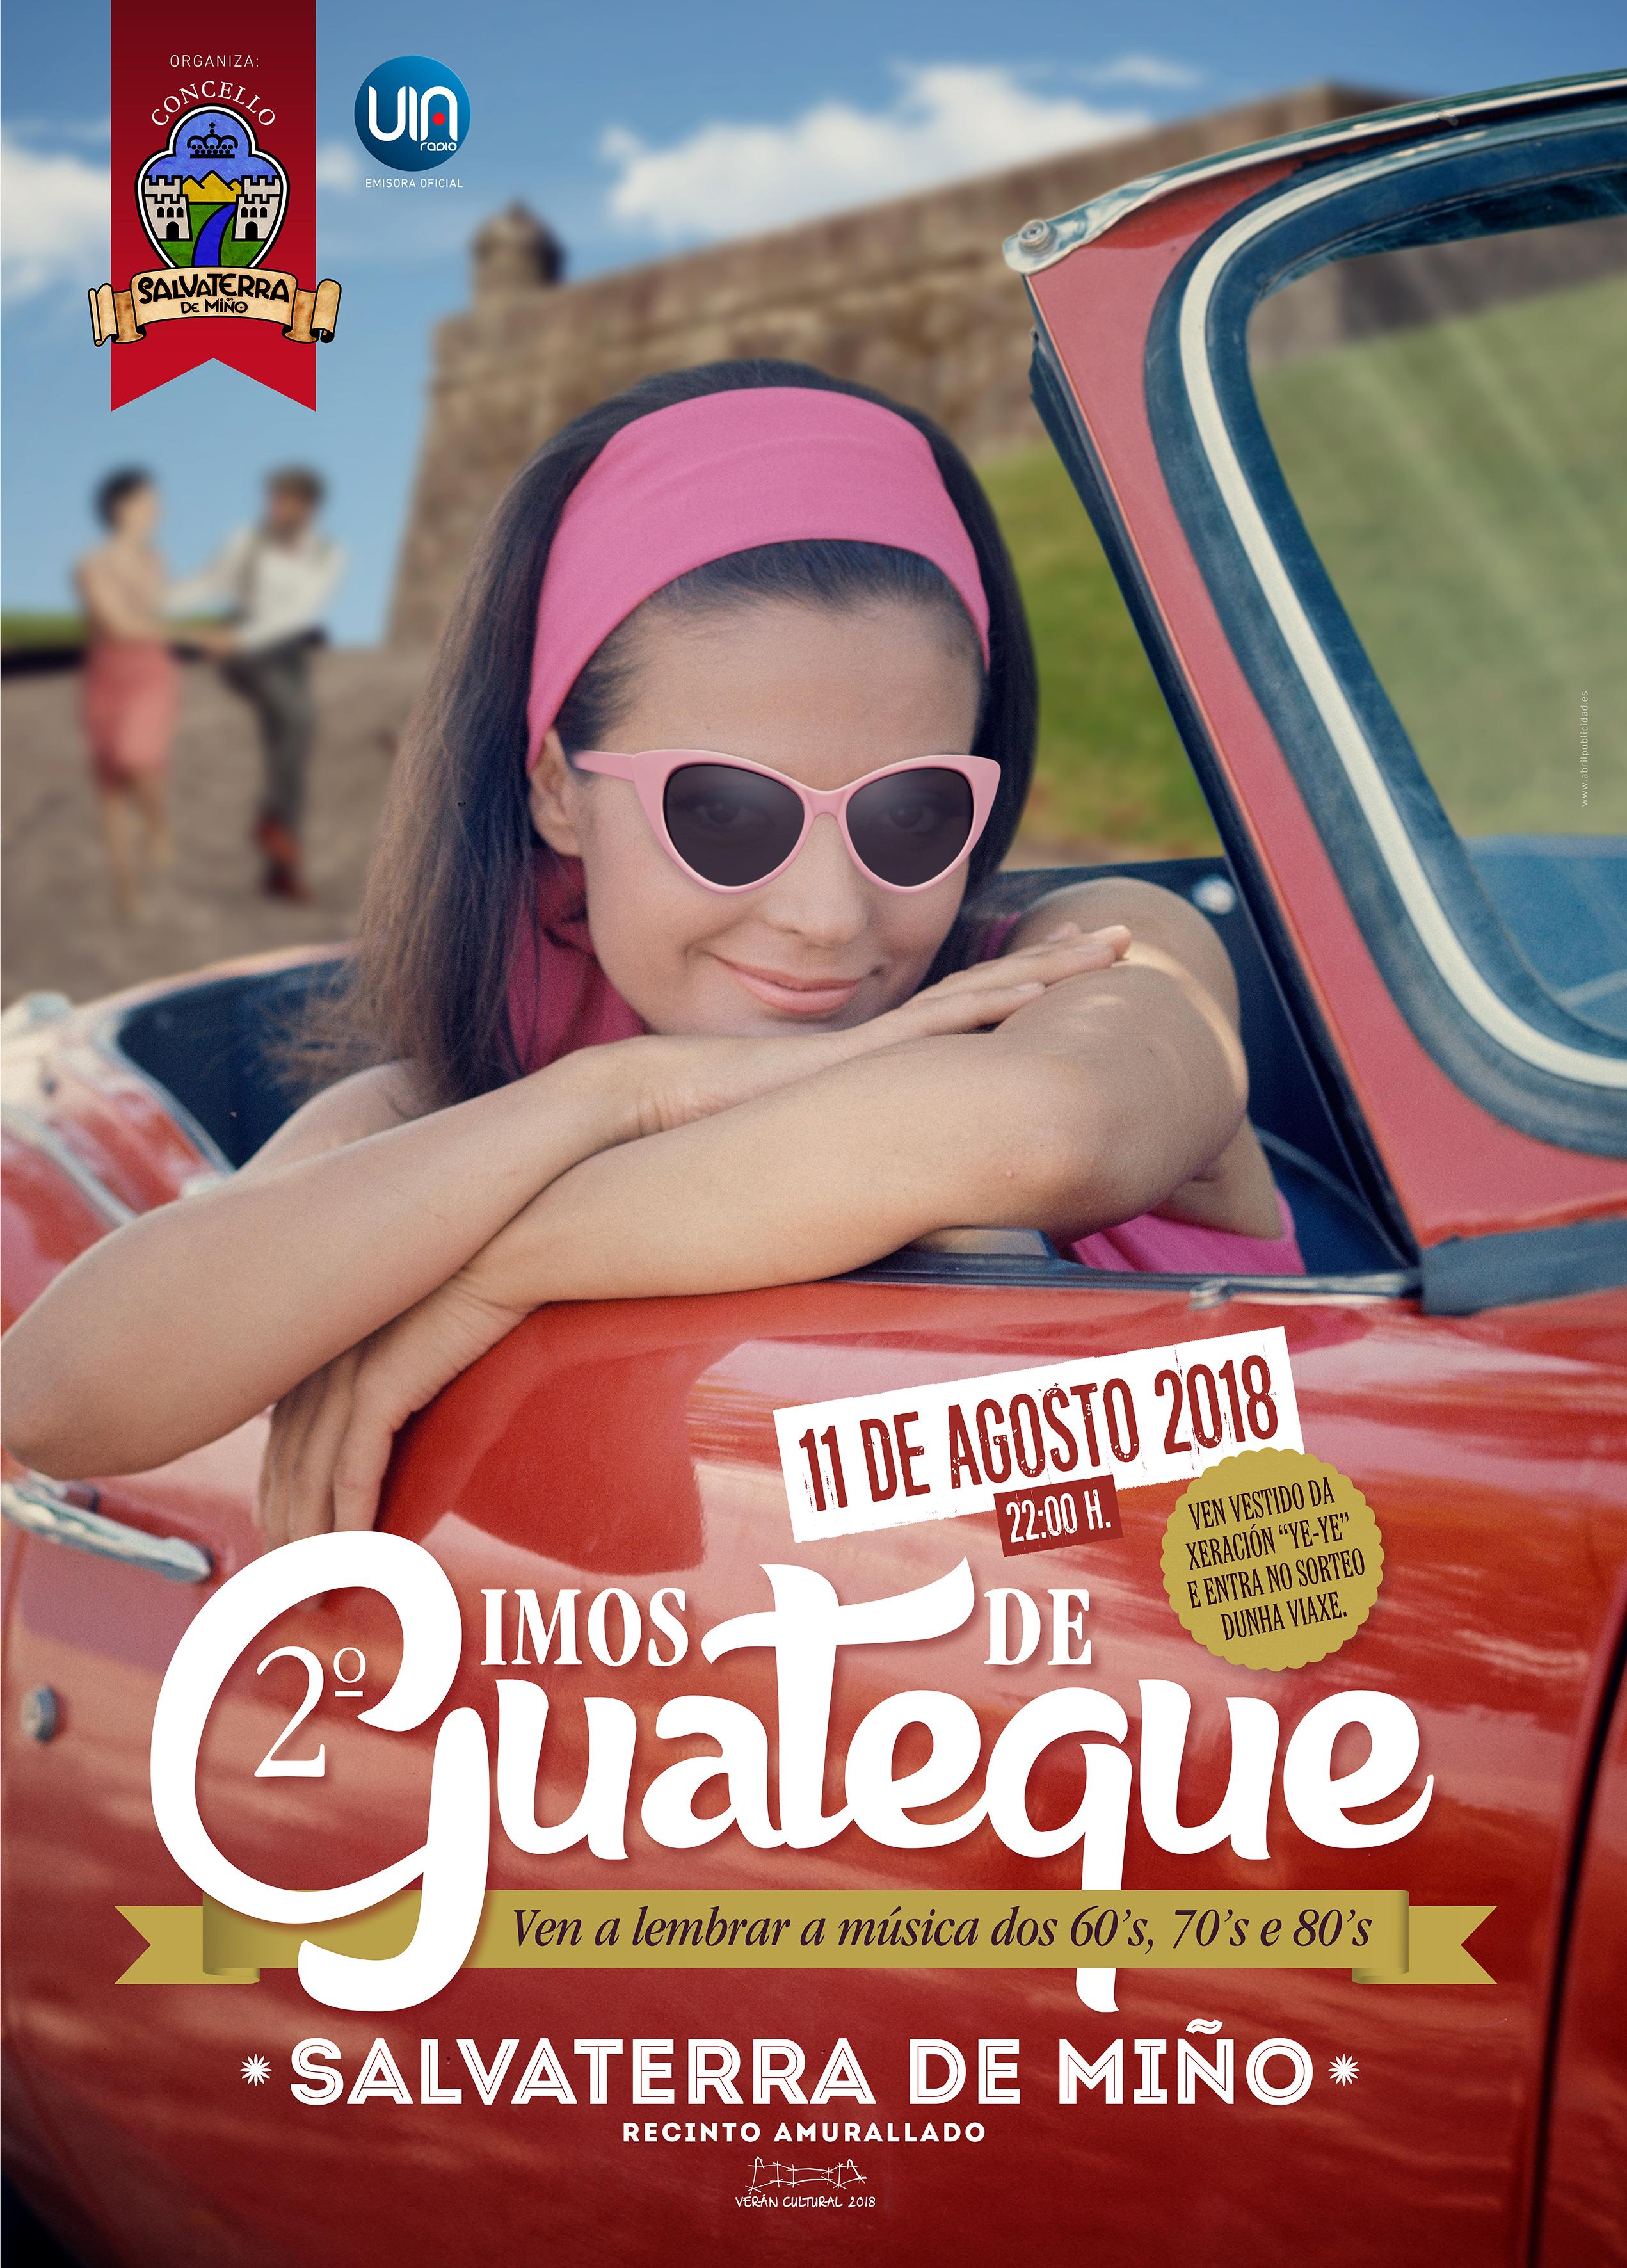 11-08-2018 Guateque Salvaterra